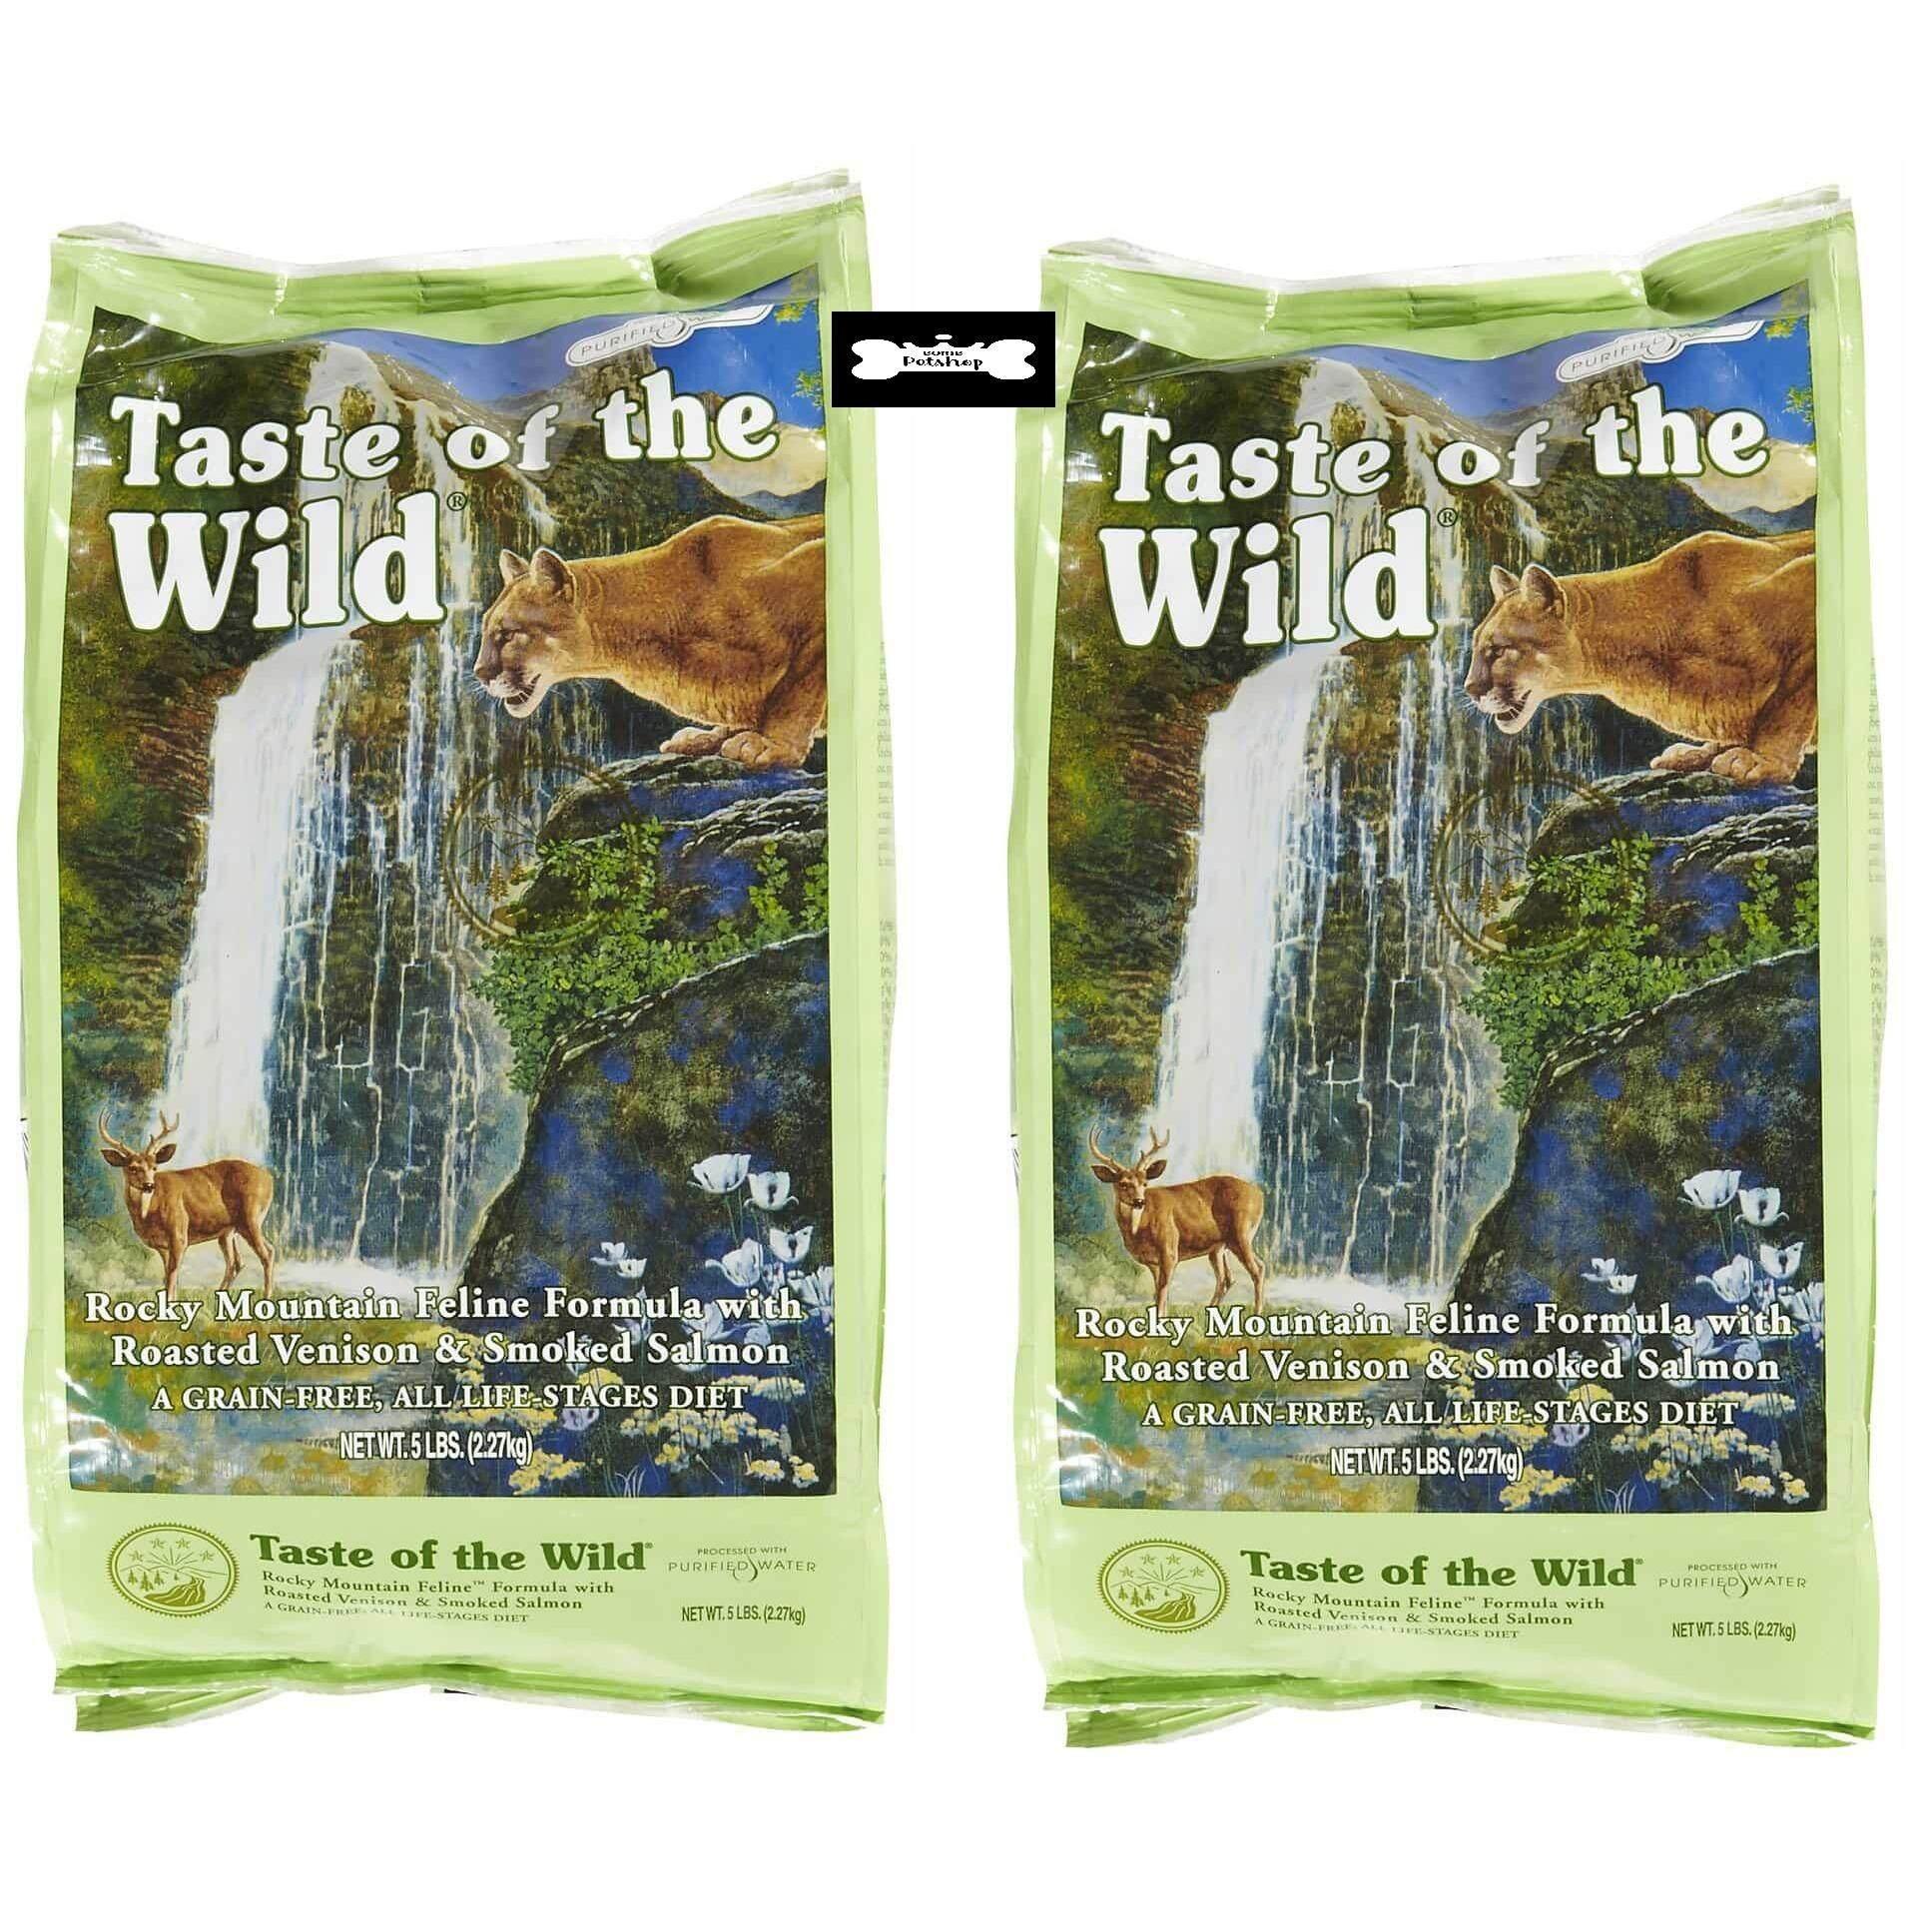 ซื้อ Taste Of The Wild Rocky Mountain อาหารแมวทุกช่วงวัยสำหรับแมว 1 5Lb หรือ 68Kg 1 ถุง แถม 1 ถุง Taste Of The Wild ออนไลน์